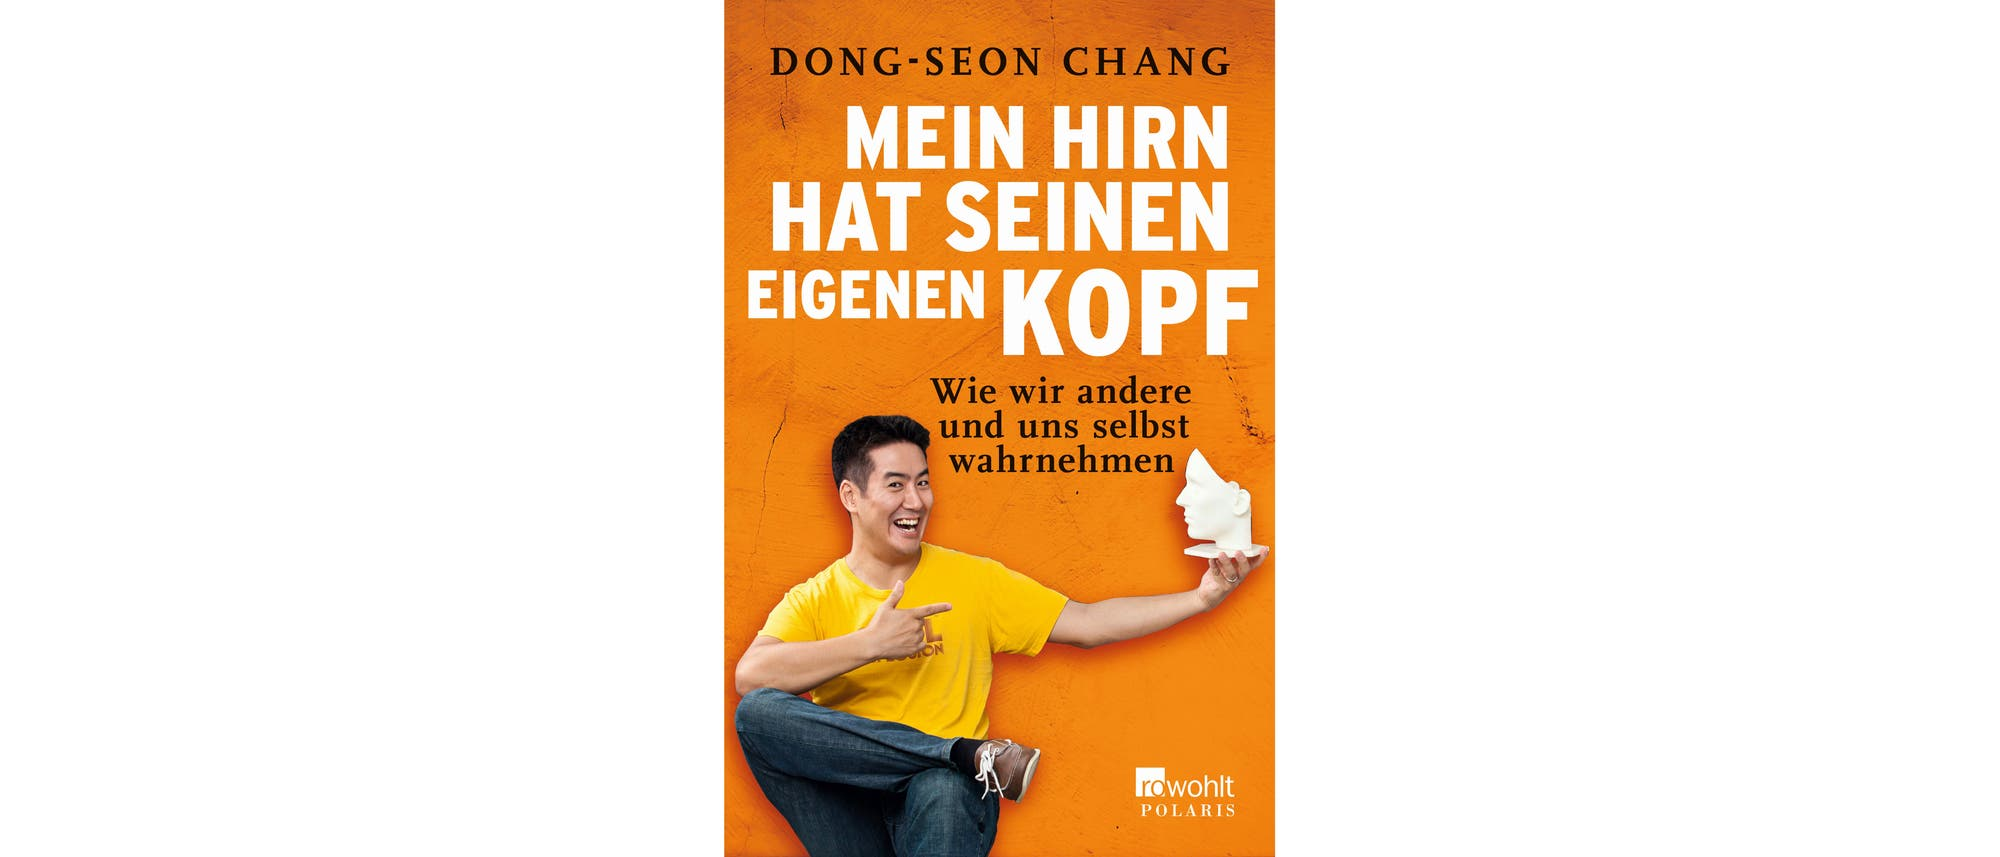 Buchcover: Dong-Seon Chang - Mein Hirn hat seinen eigenen Kopf